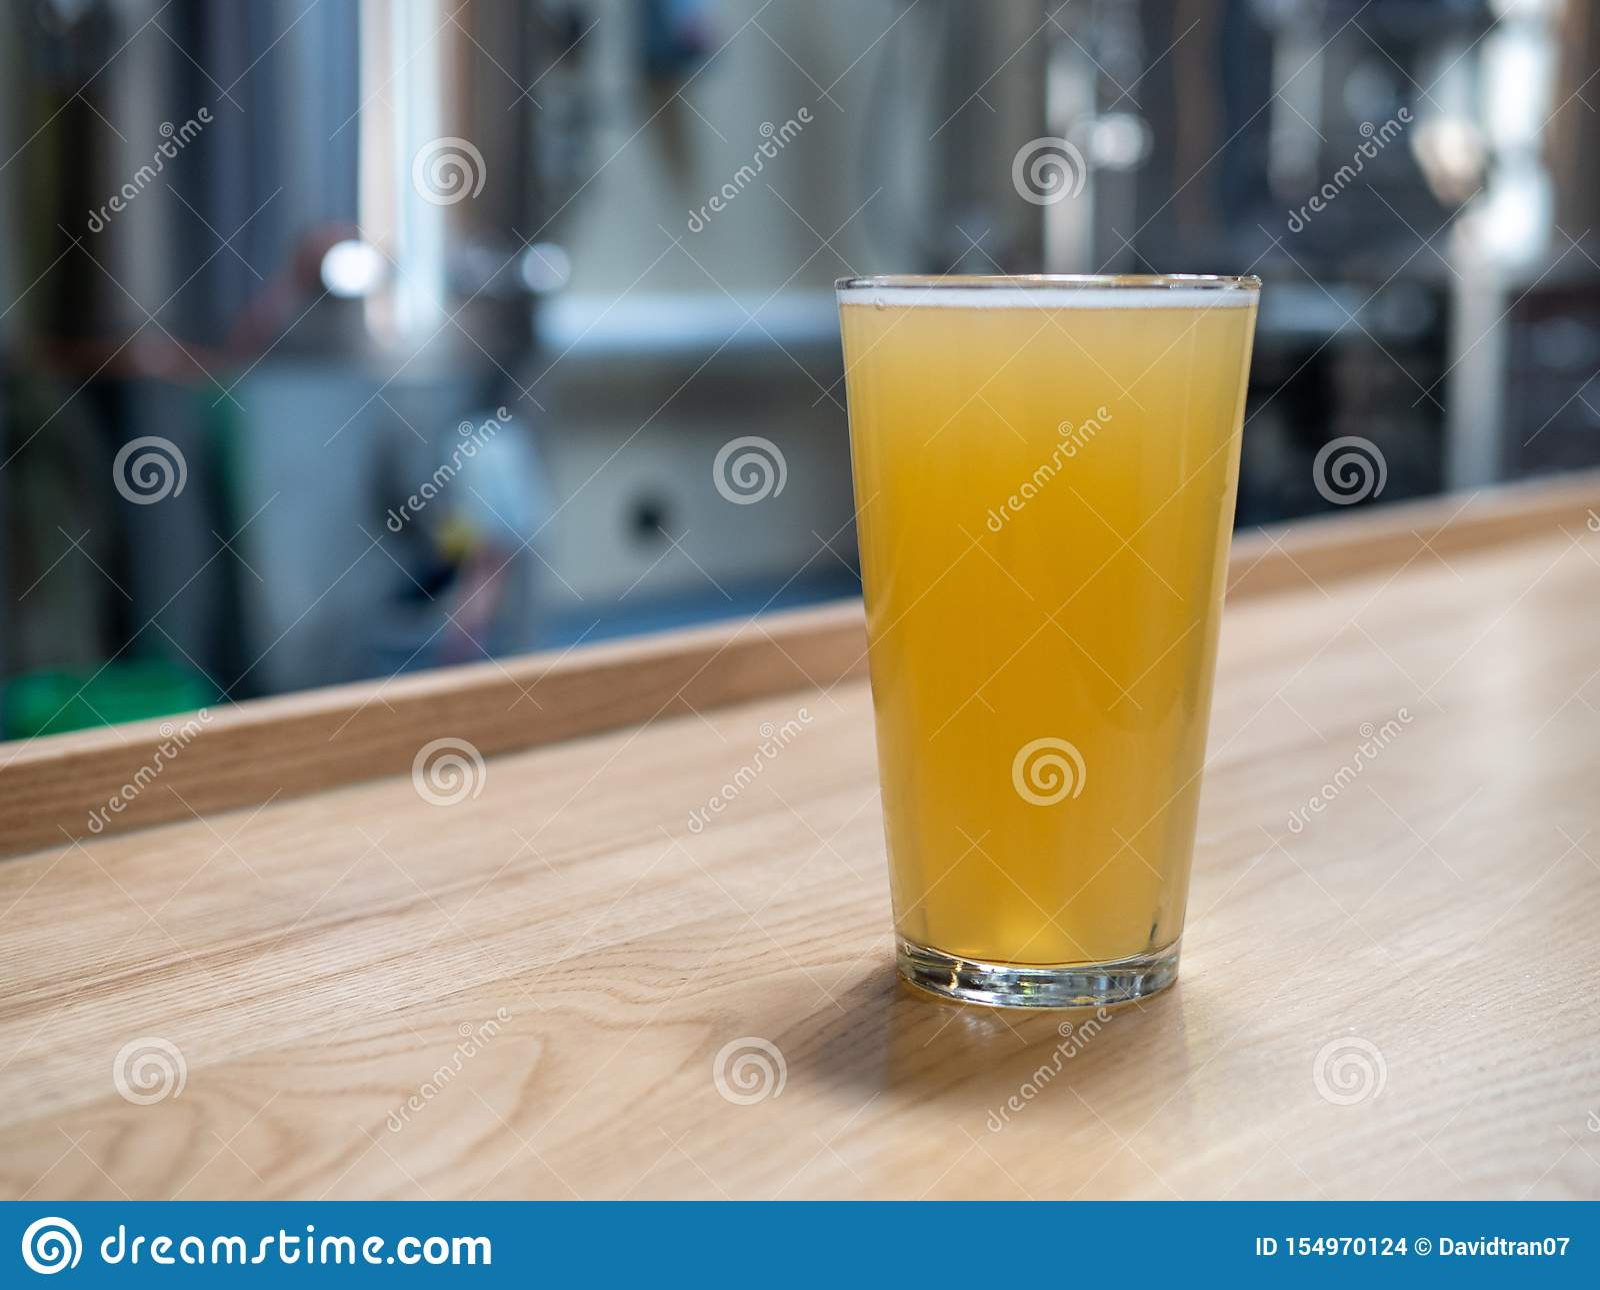 Vetro della pinta di birra bionda davanti ai tini di fermentazione ed alle attrezzature della fabbrica di birra